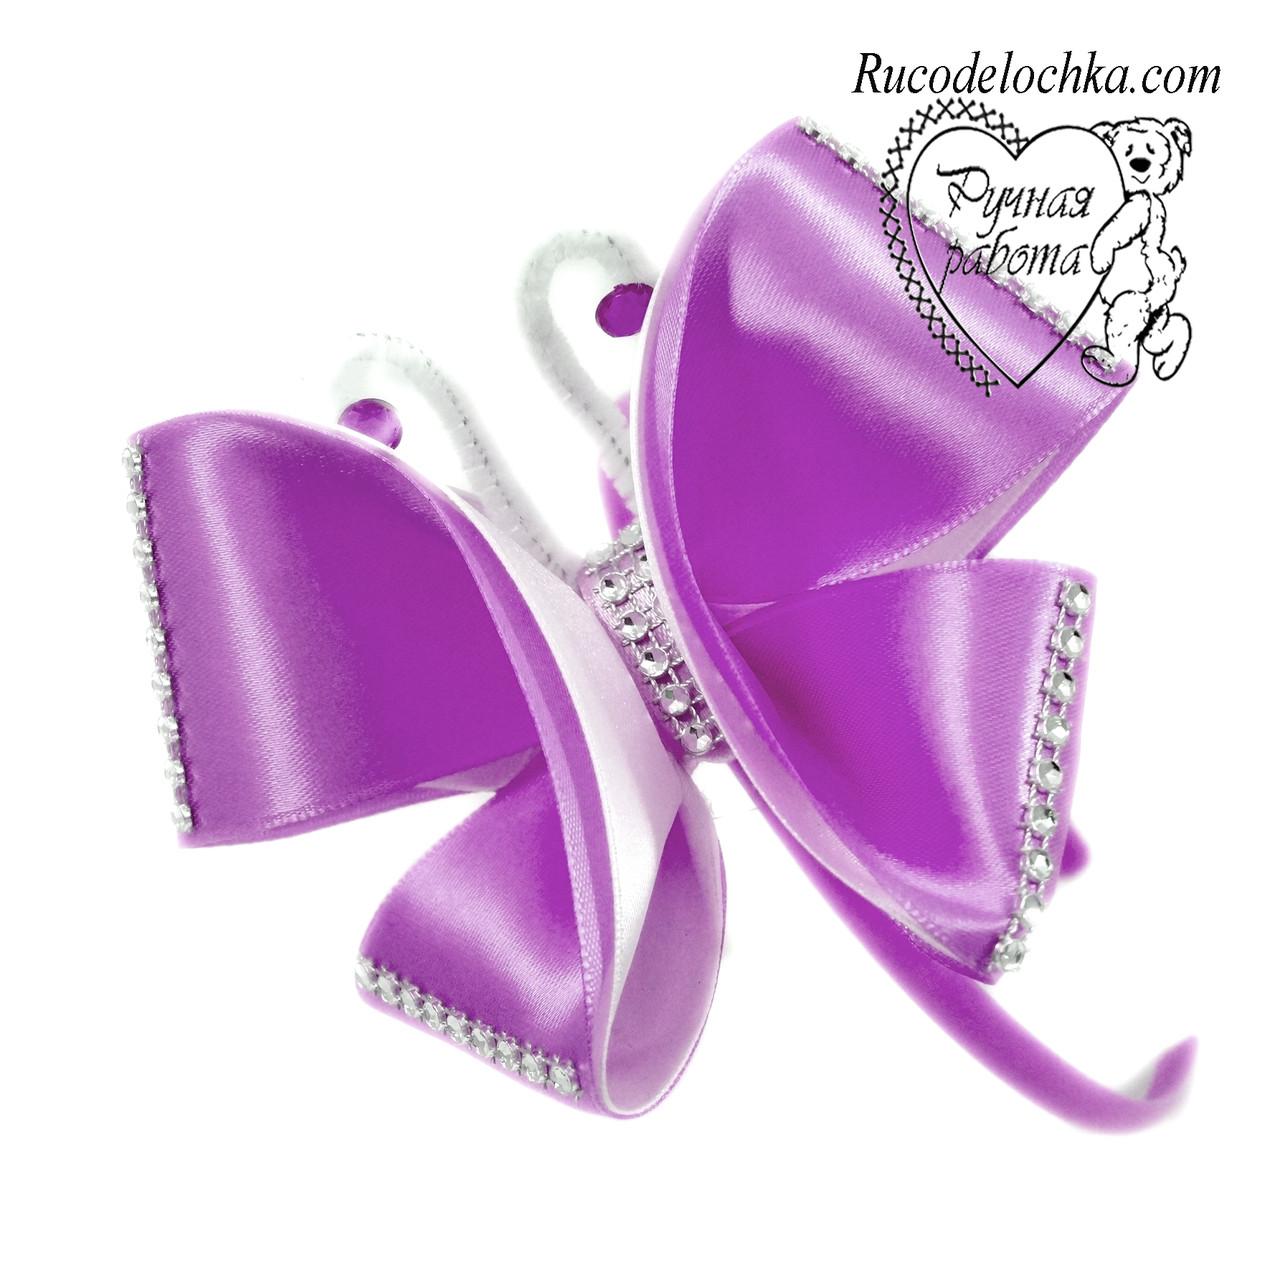 Фіолетова метелик 13 см на обручі, шпильці прикраса ручної роботи Будь-які кольори